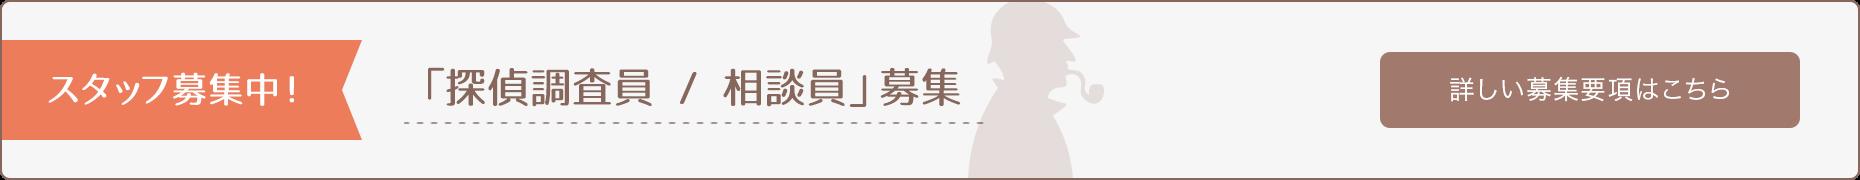 「探偵調査員/相談員」募集